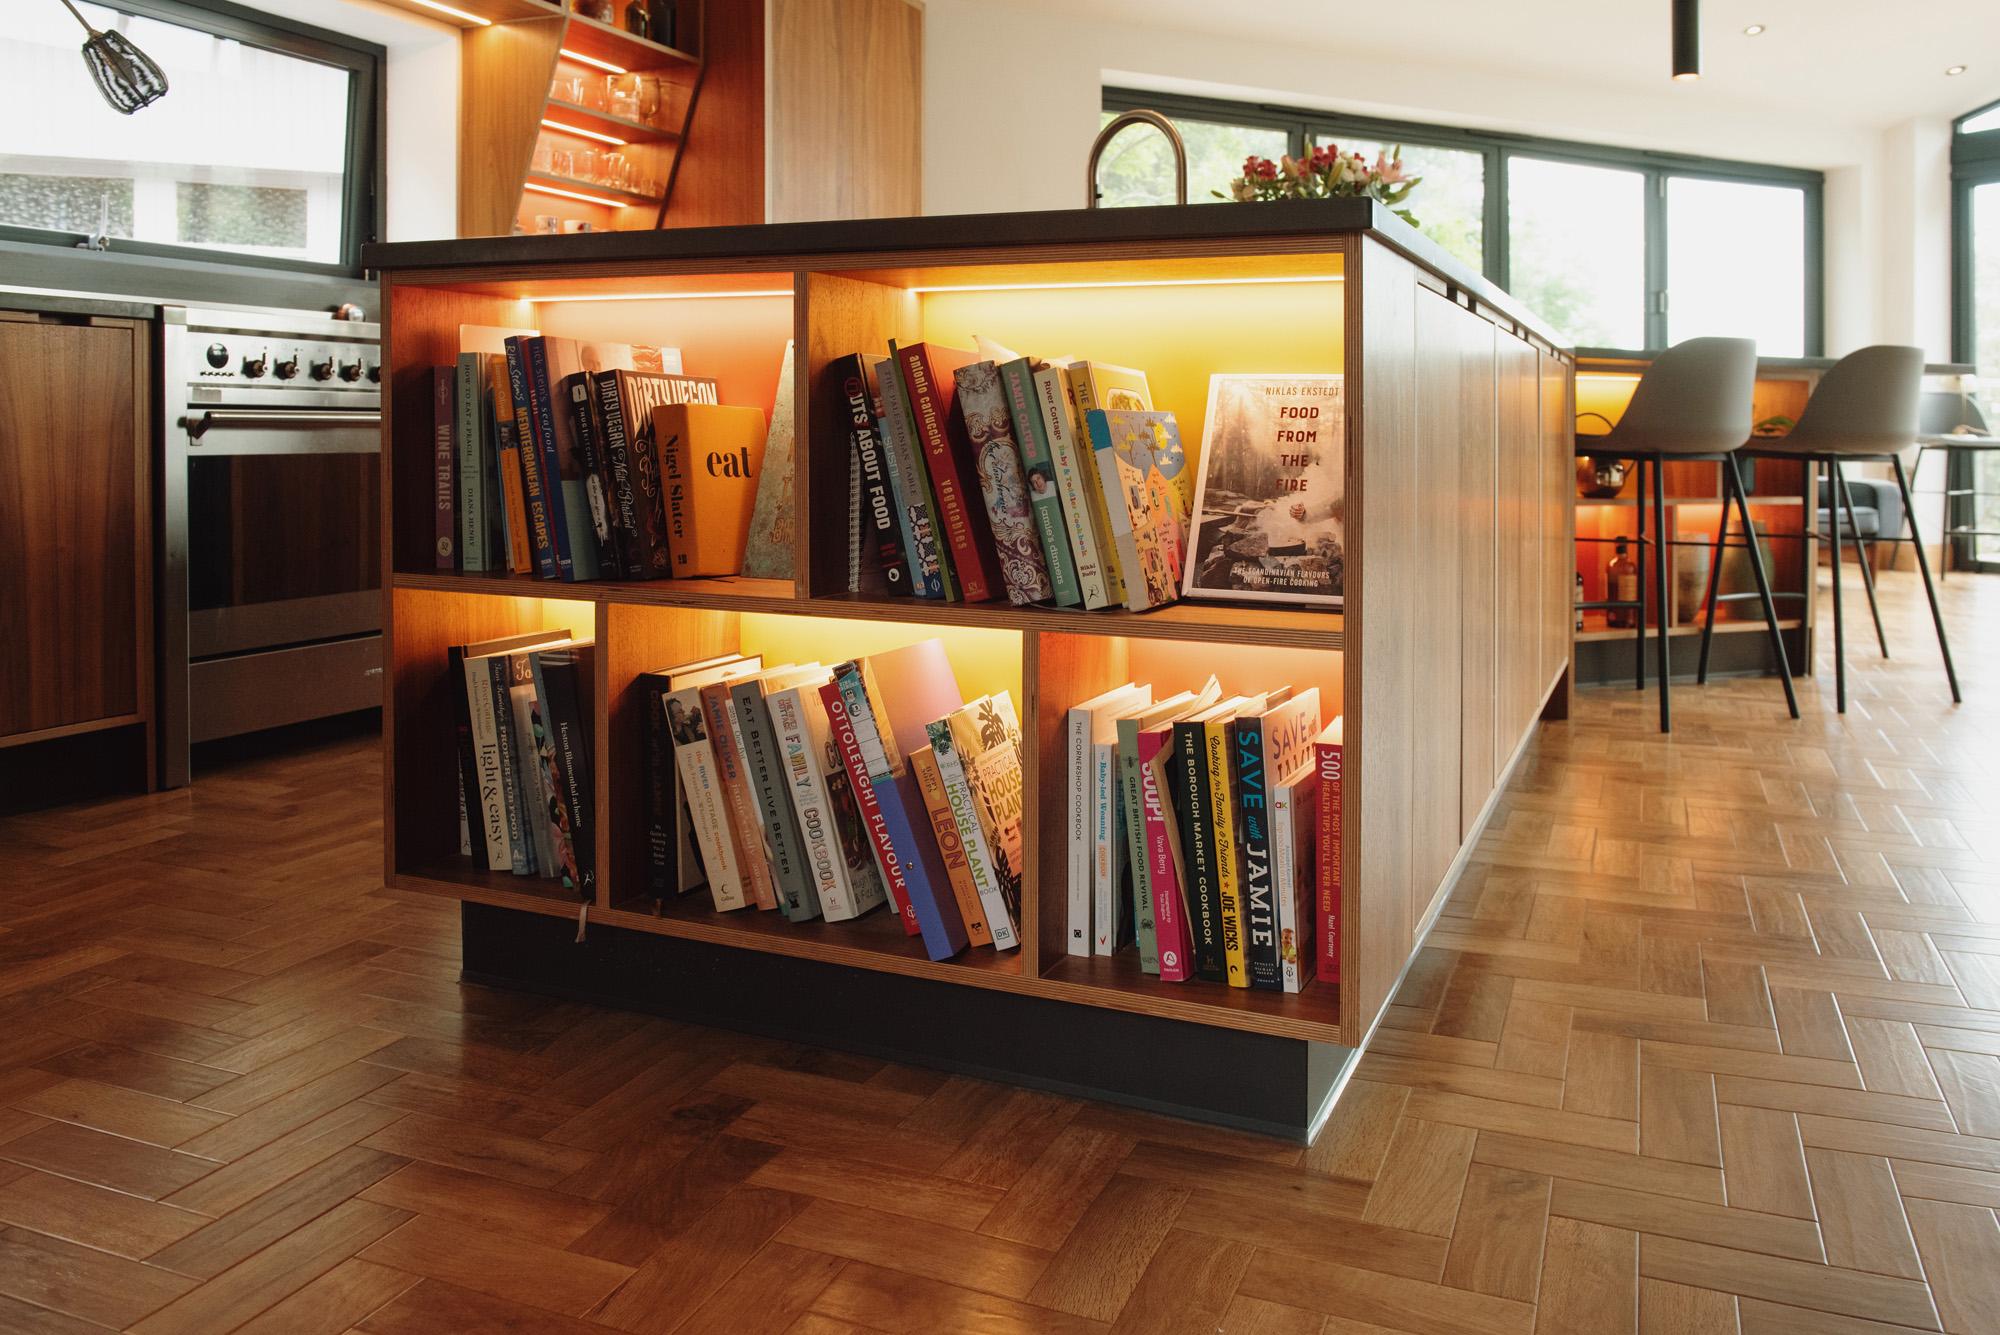 large island unit with illuminated bookshelf